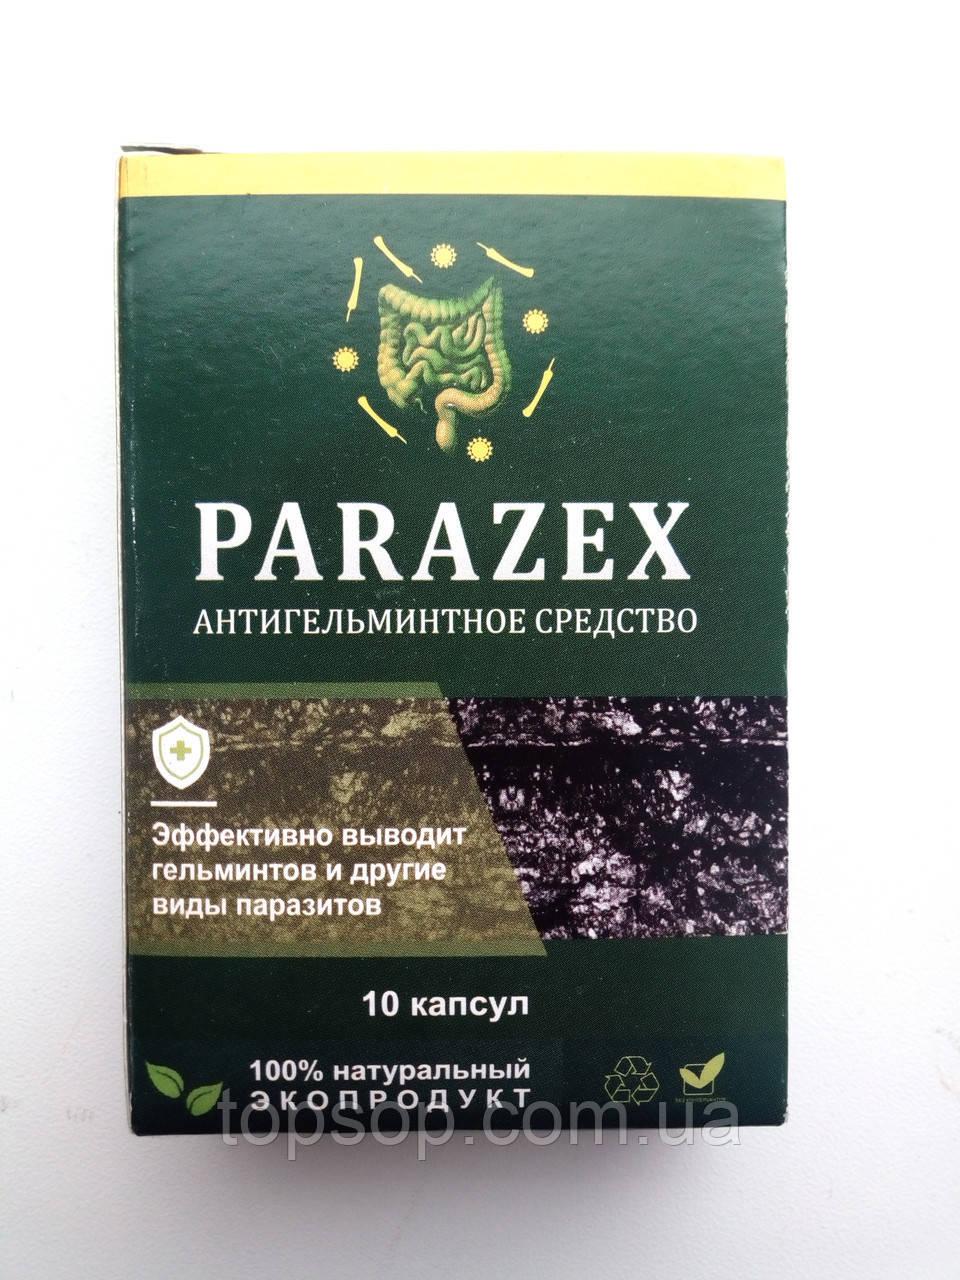 Антигельминтное средство Parazex - Паразекс